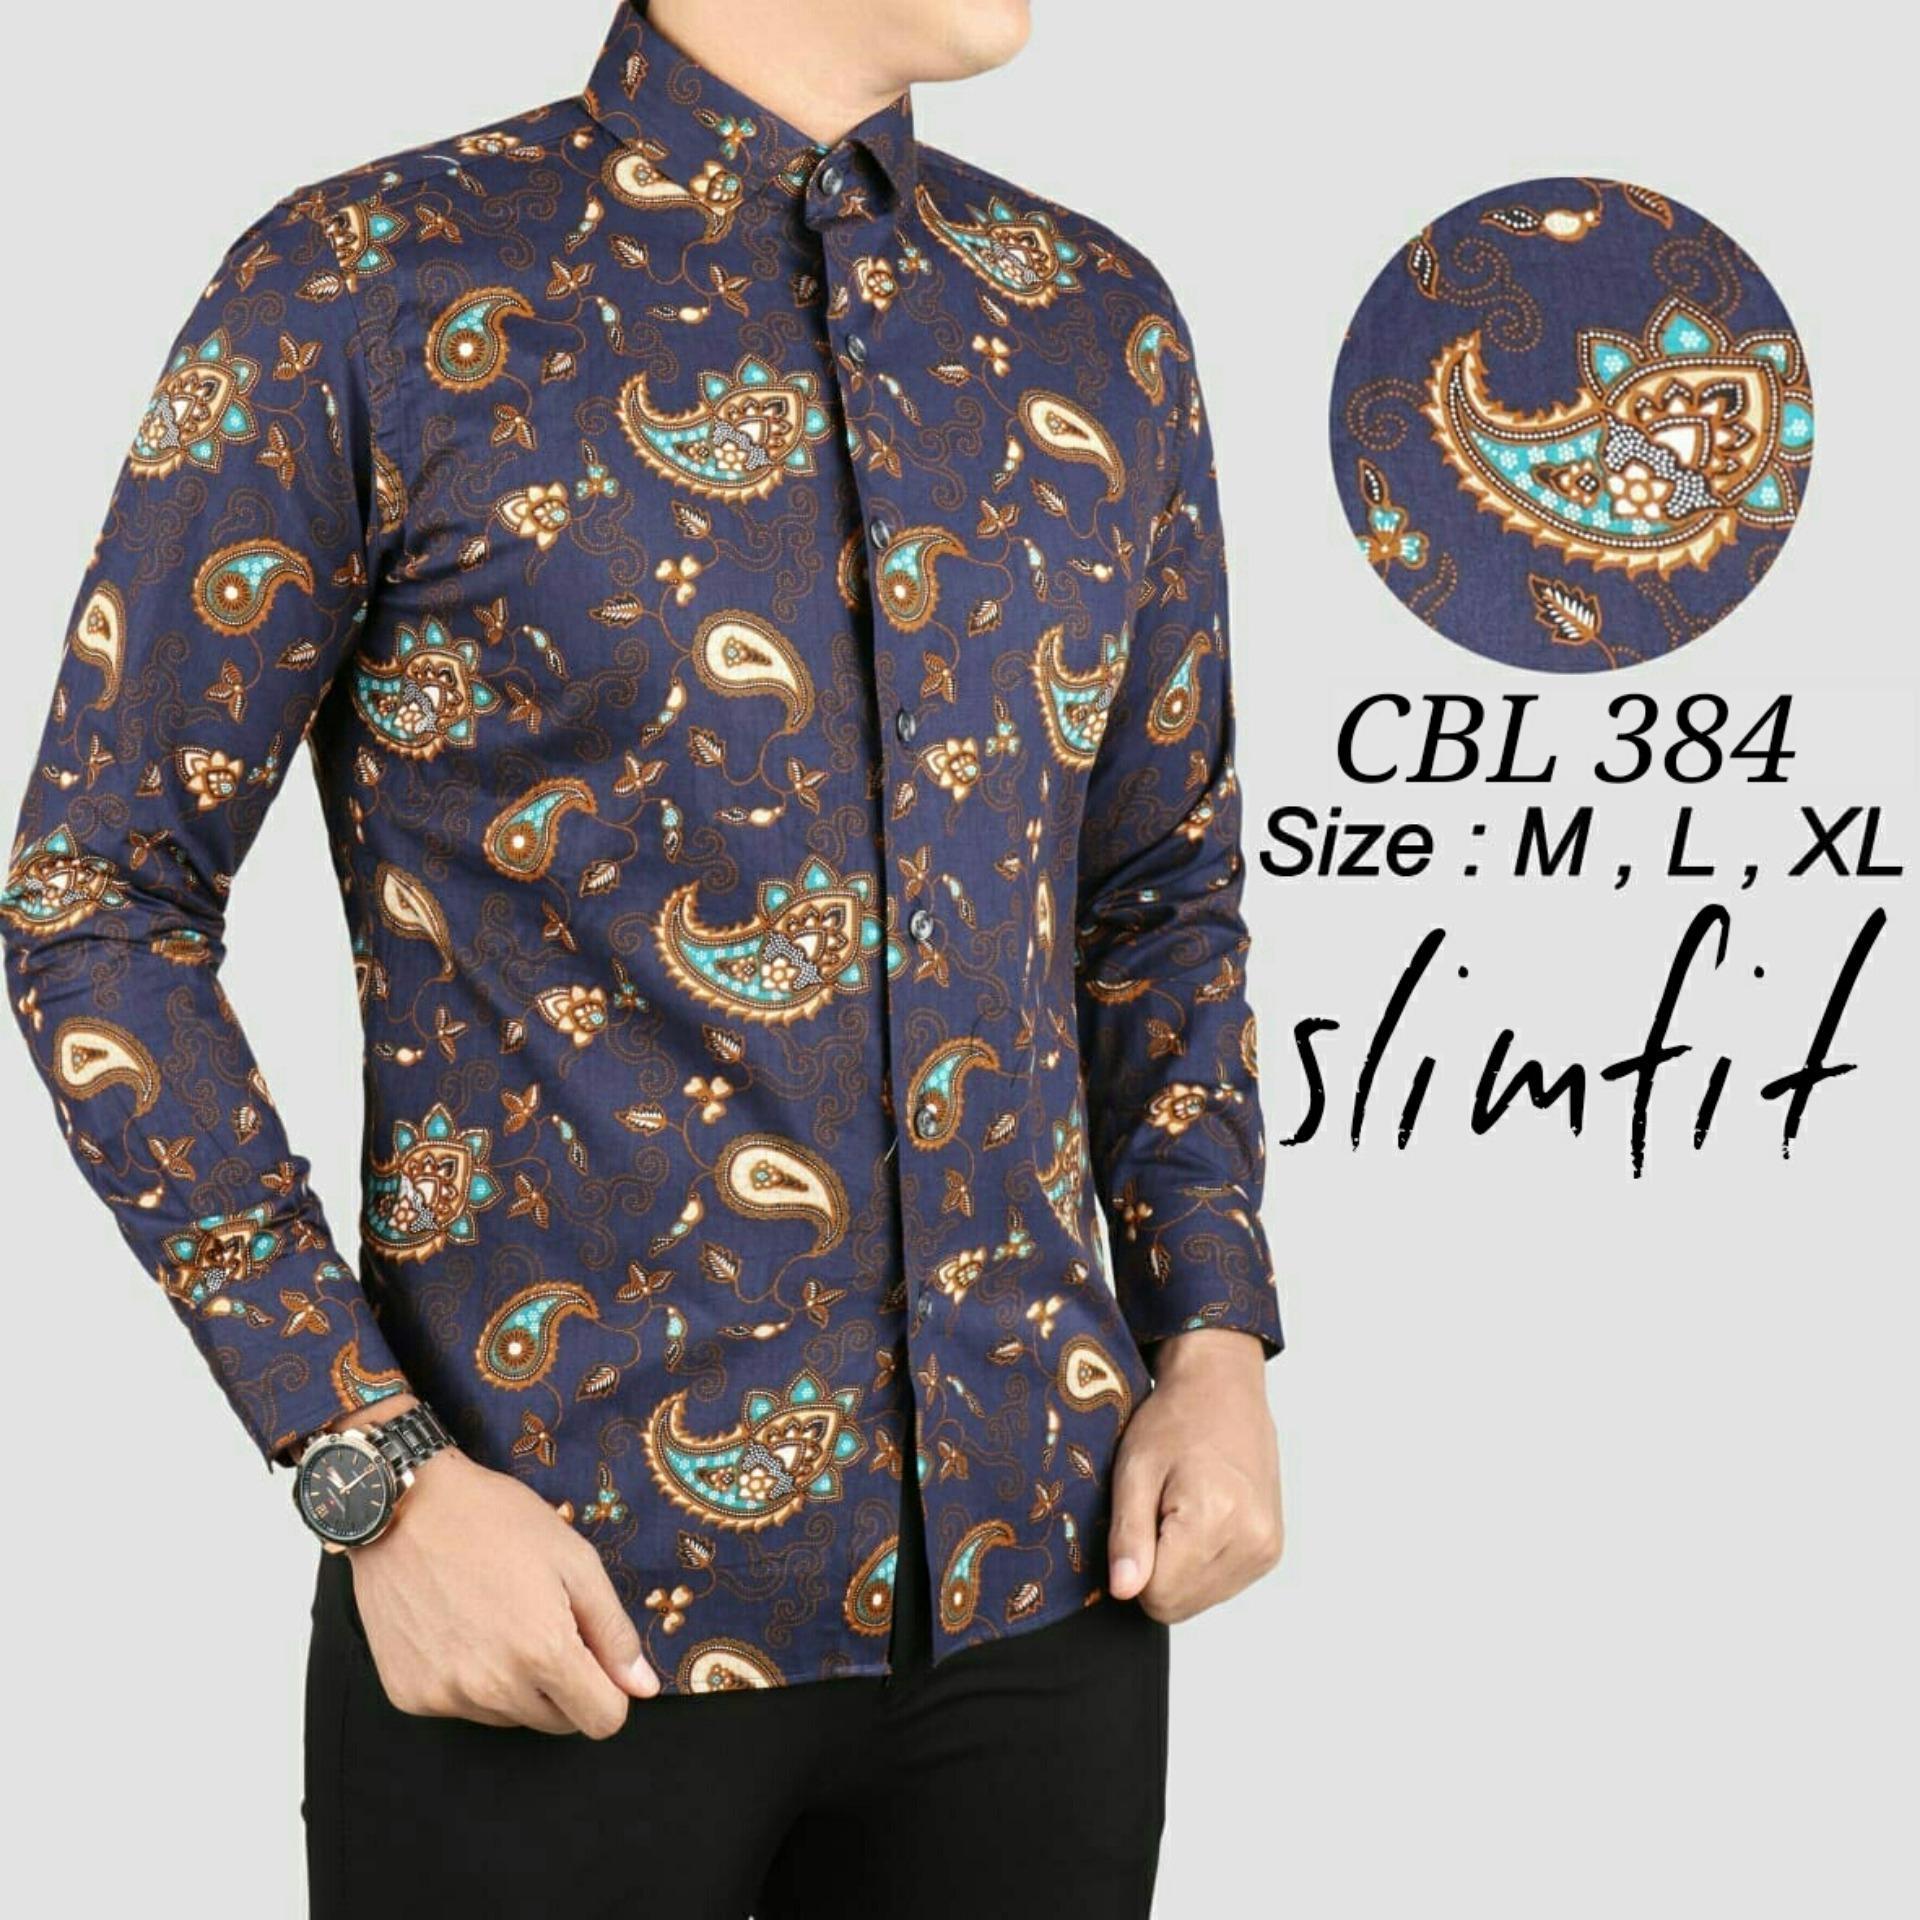 Batik Jawa Barat Terlaris Produk Ukm Bumn Kain Eksklusif Lasem Manuk D 574 Pria Baju Kemeja Slim Fit Lengan Panjang Keren